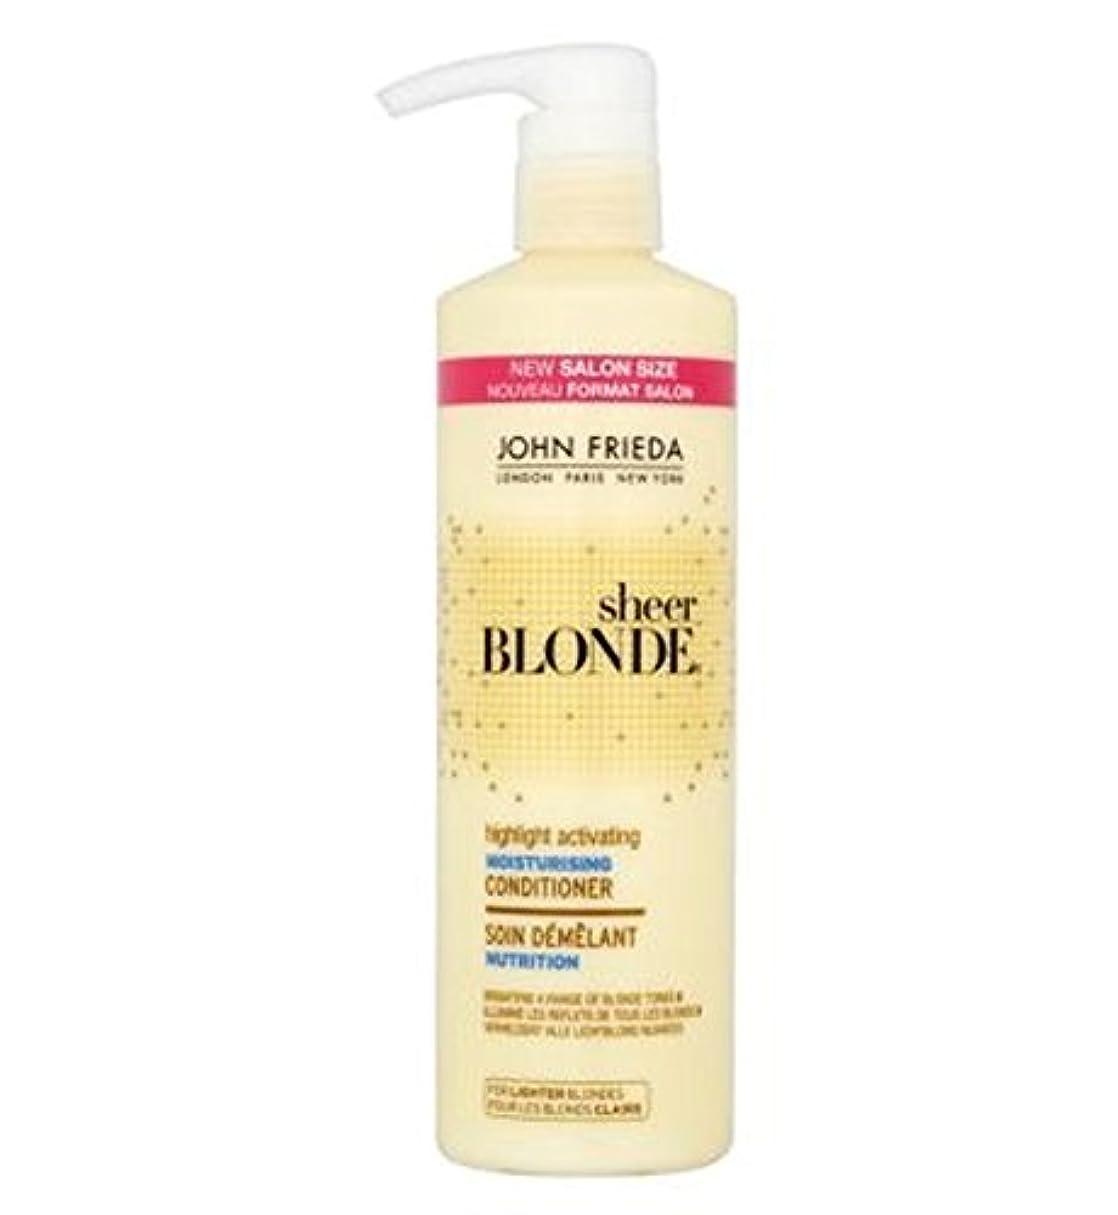 バルコニーモックストラップJohn Frieda Sheer Blonde Highlight Activating Moisturising Conditioner 500ml - ジョン?フリーダ薄手のブロンドのハイライト活性化保湿コンディショナー...